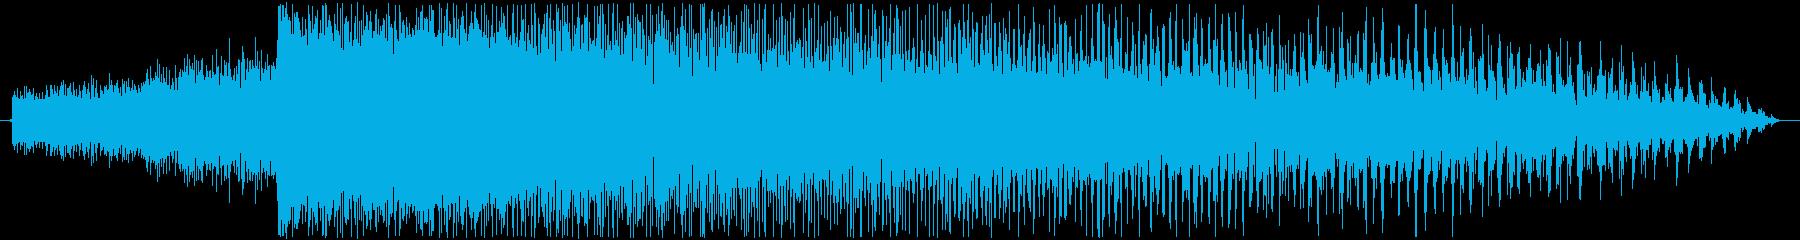 【宇宙船/移動/ゲーム/宇宙/SE】の再生済みの波形